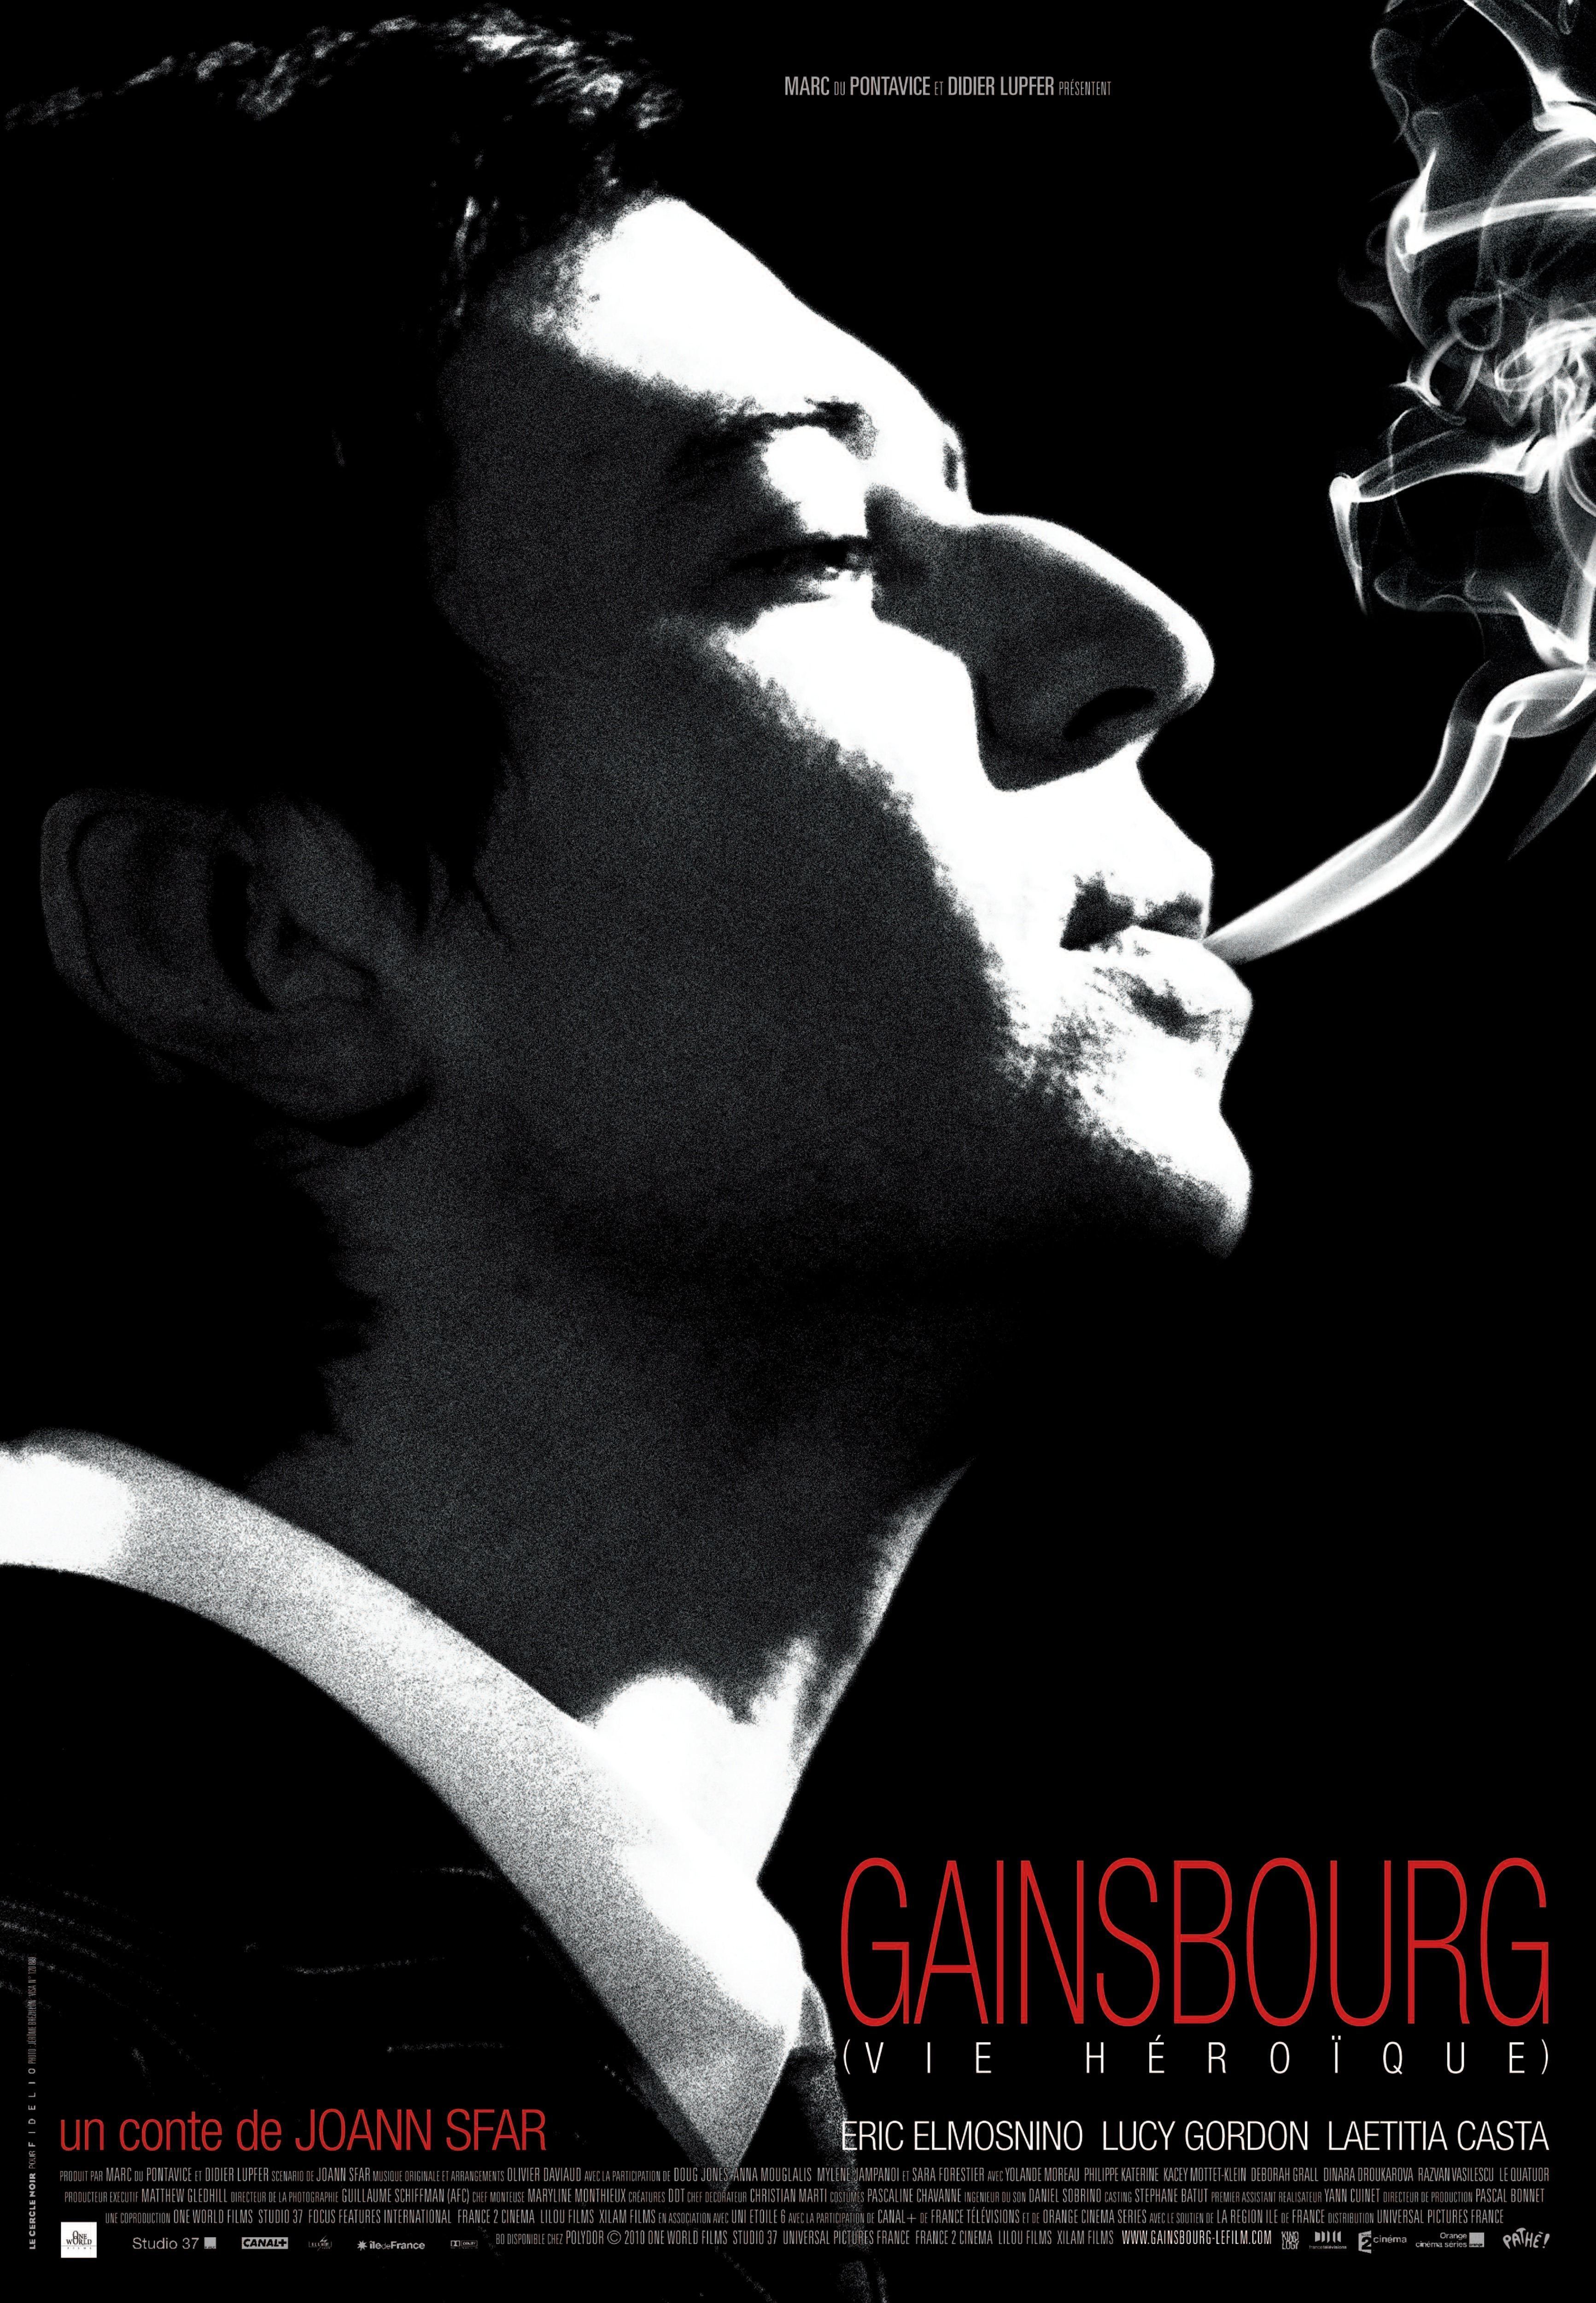 affiche du film Gainsbourg, Vie héroïque